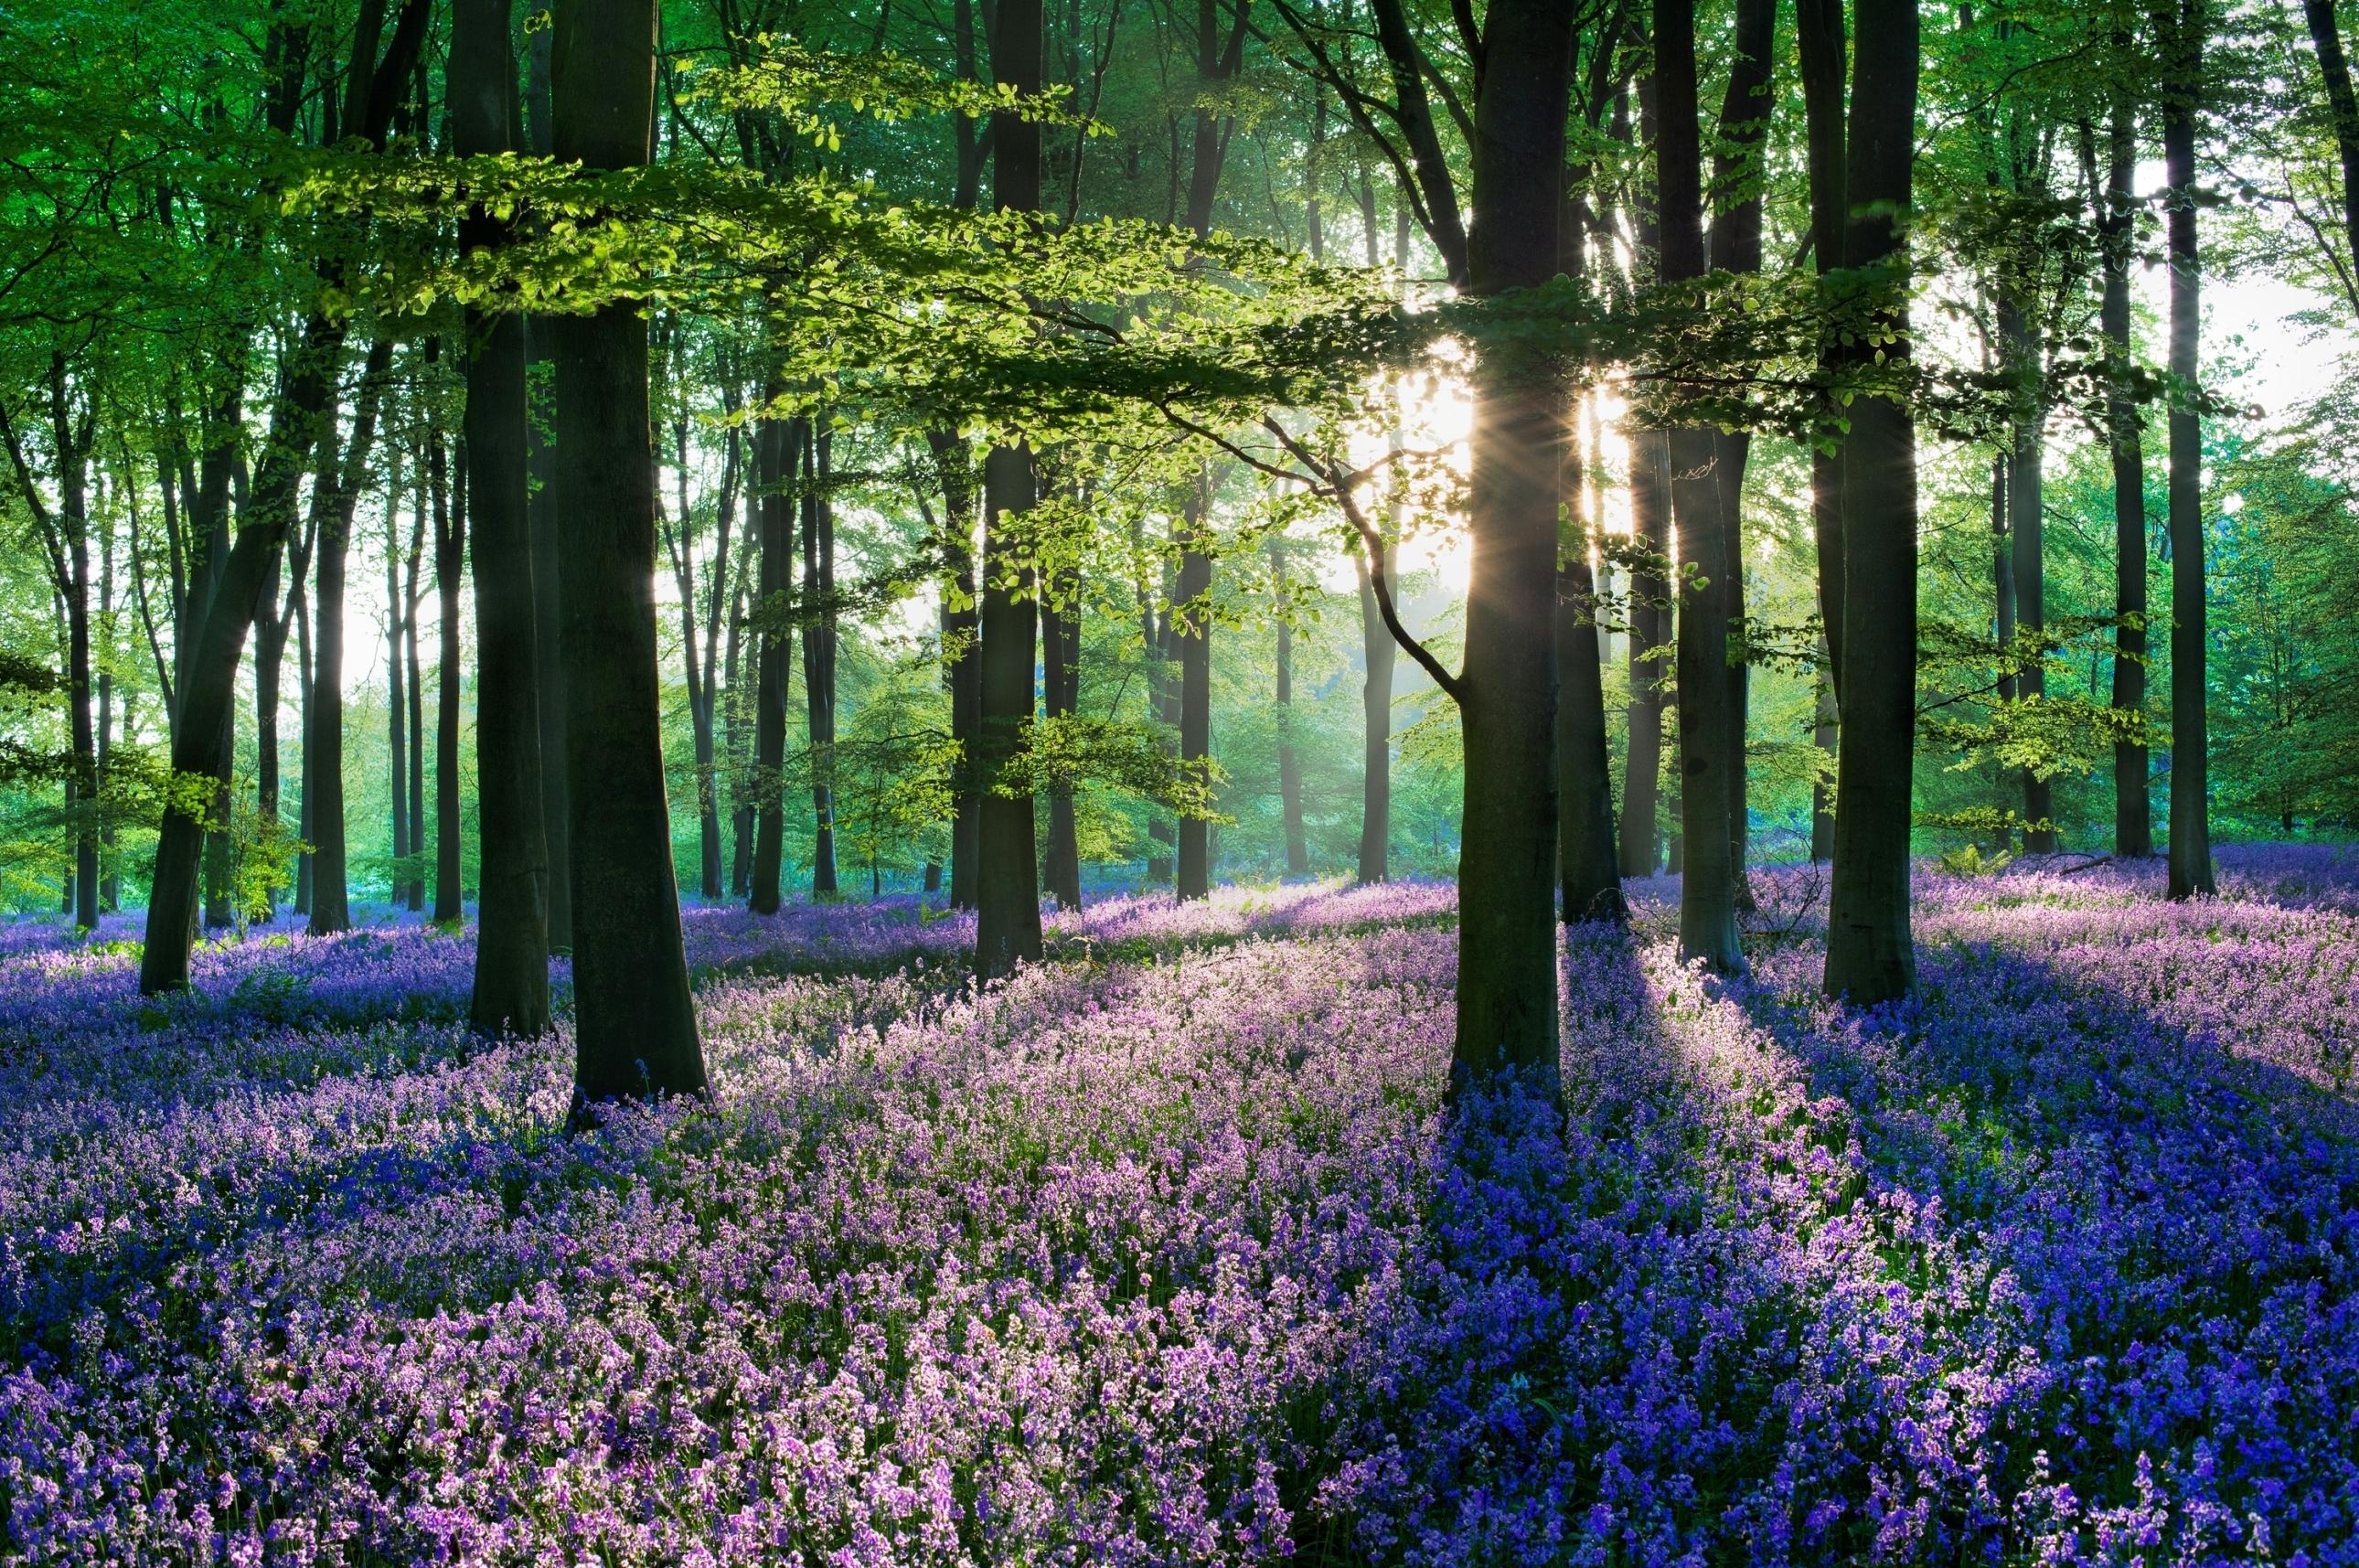 поле природа цветы дом фокус лес дервья скачать